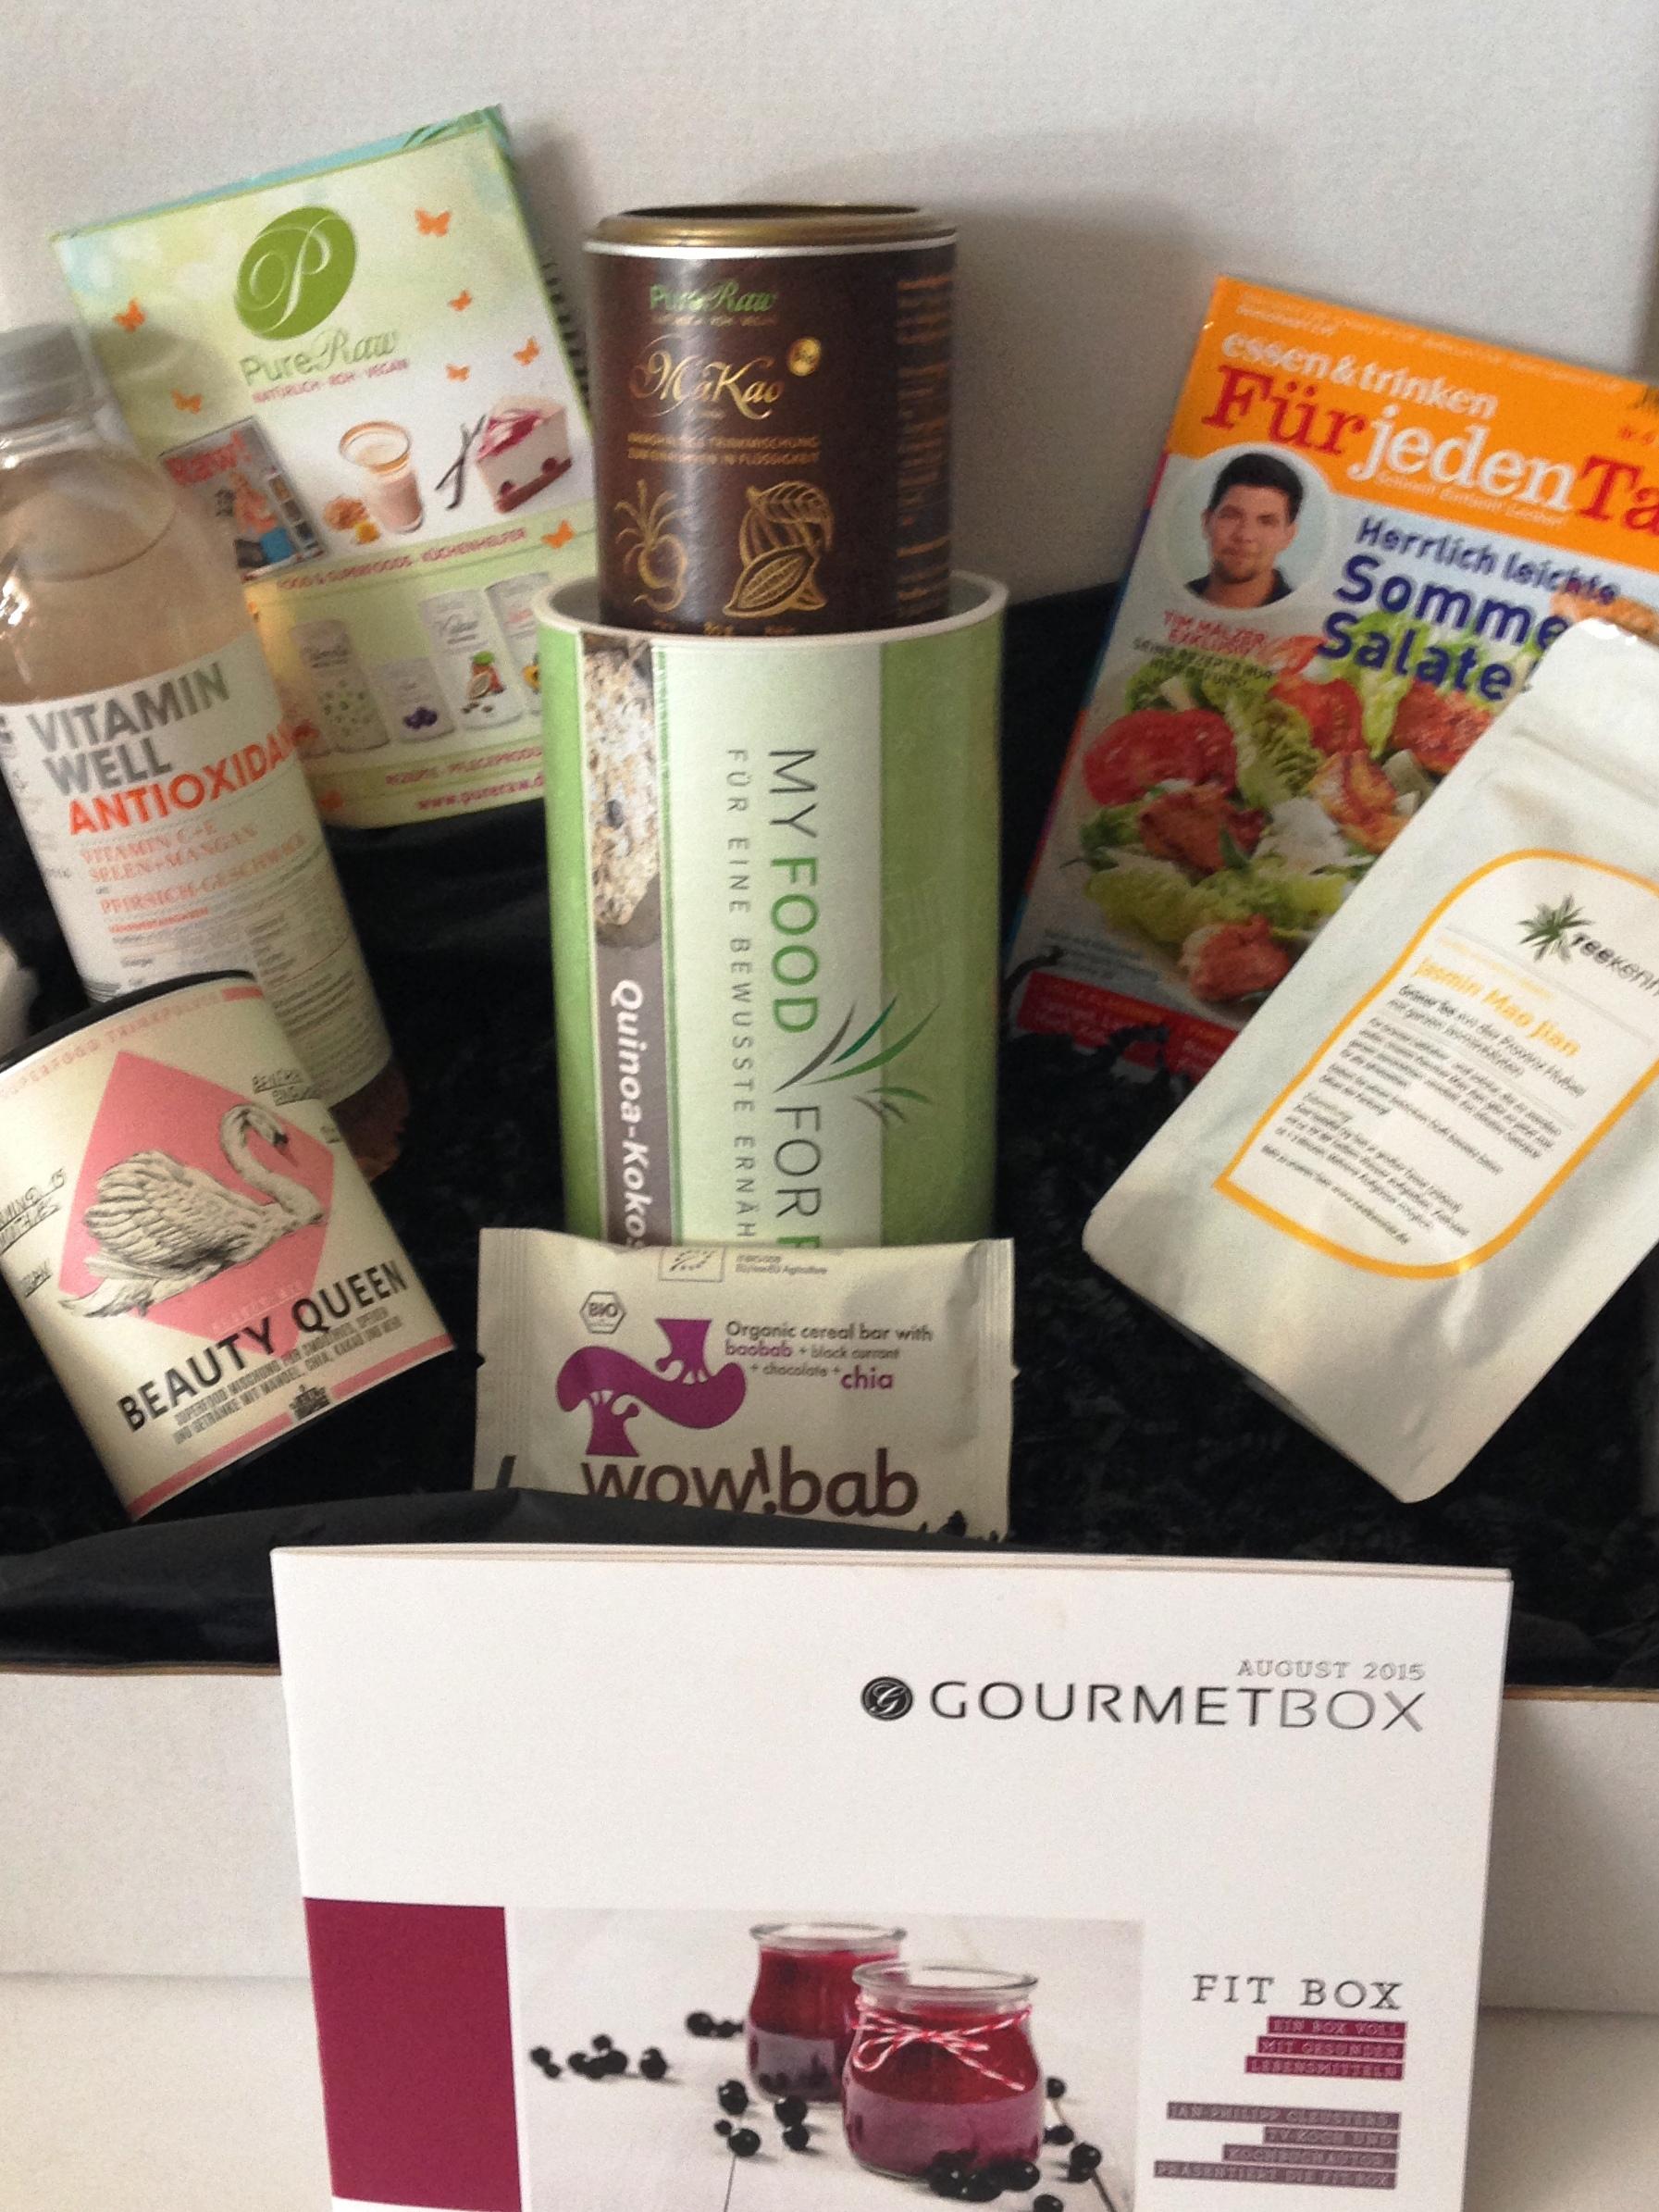 Gourmet Box die Fit Box